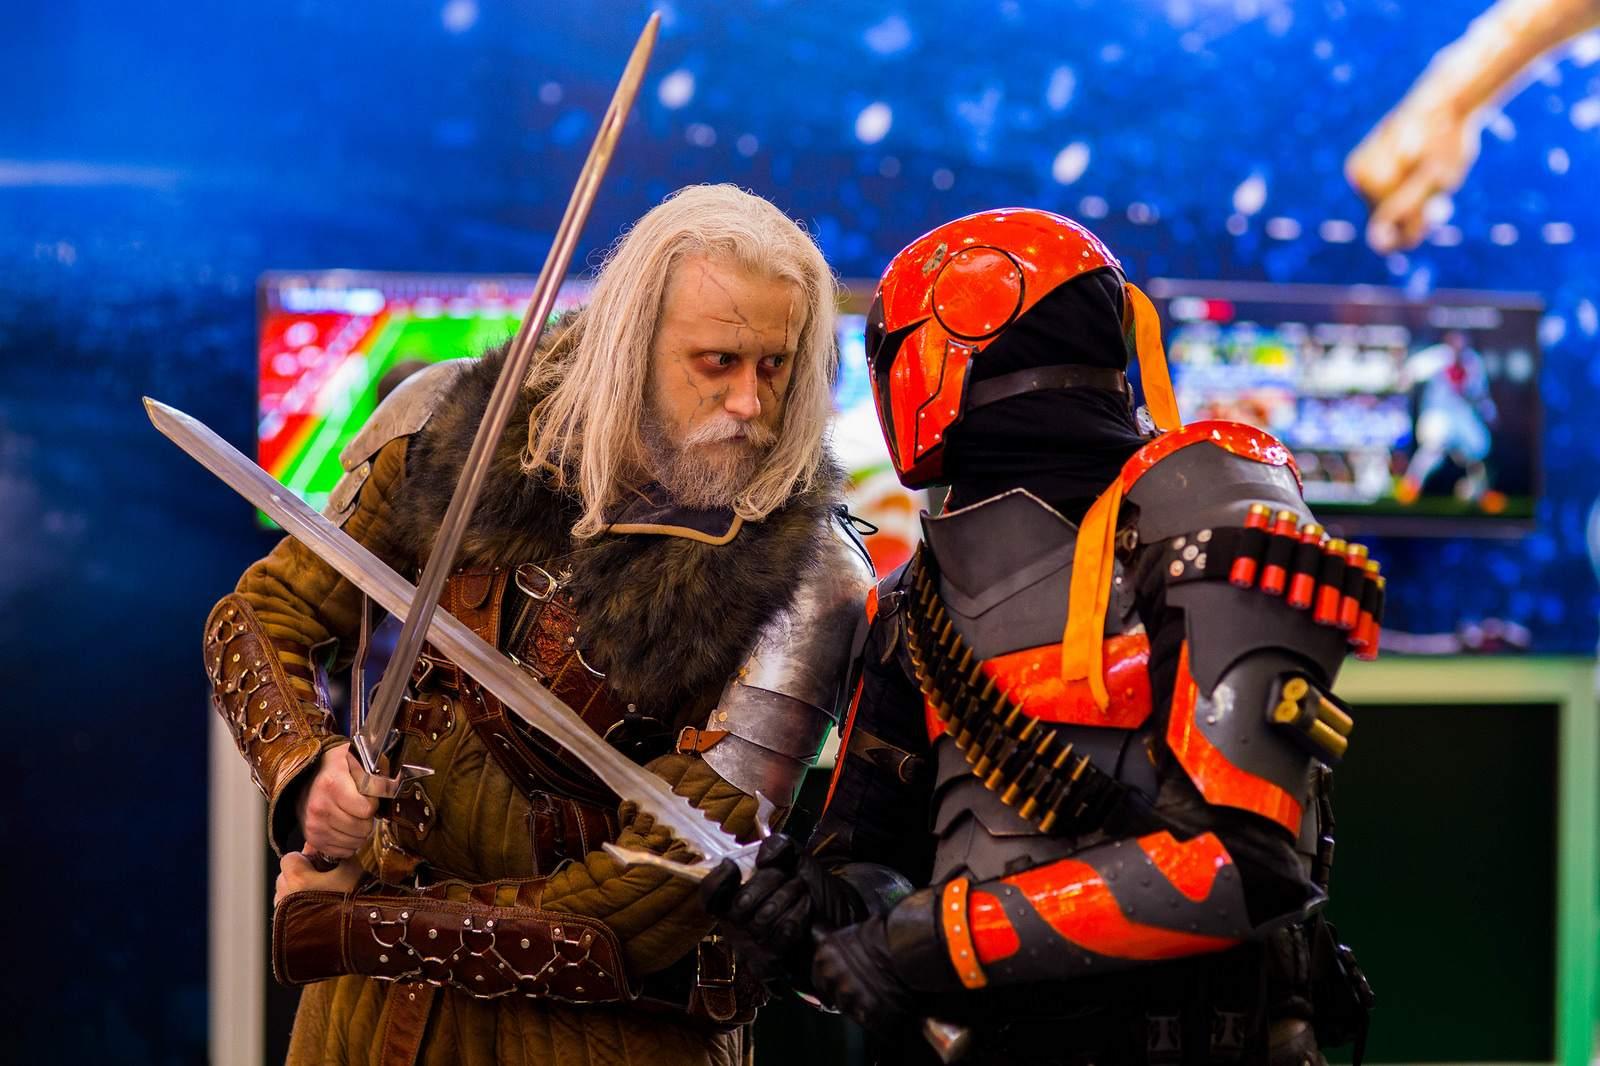 comiccon Comic Con Russia and IgroMir exhibition 2015